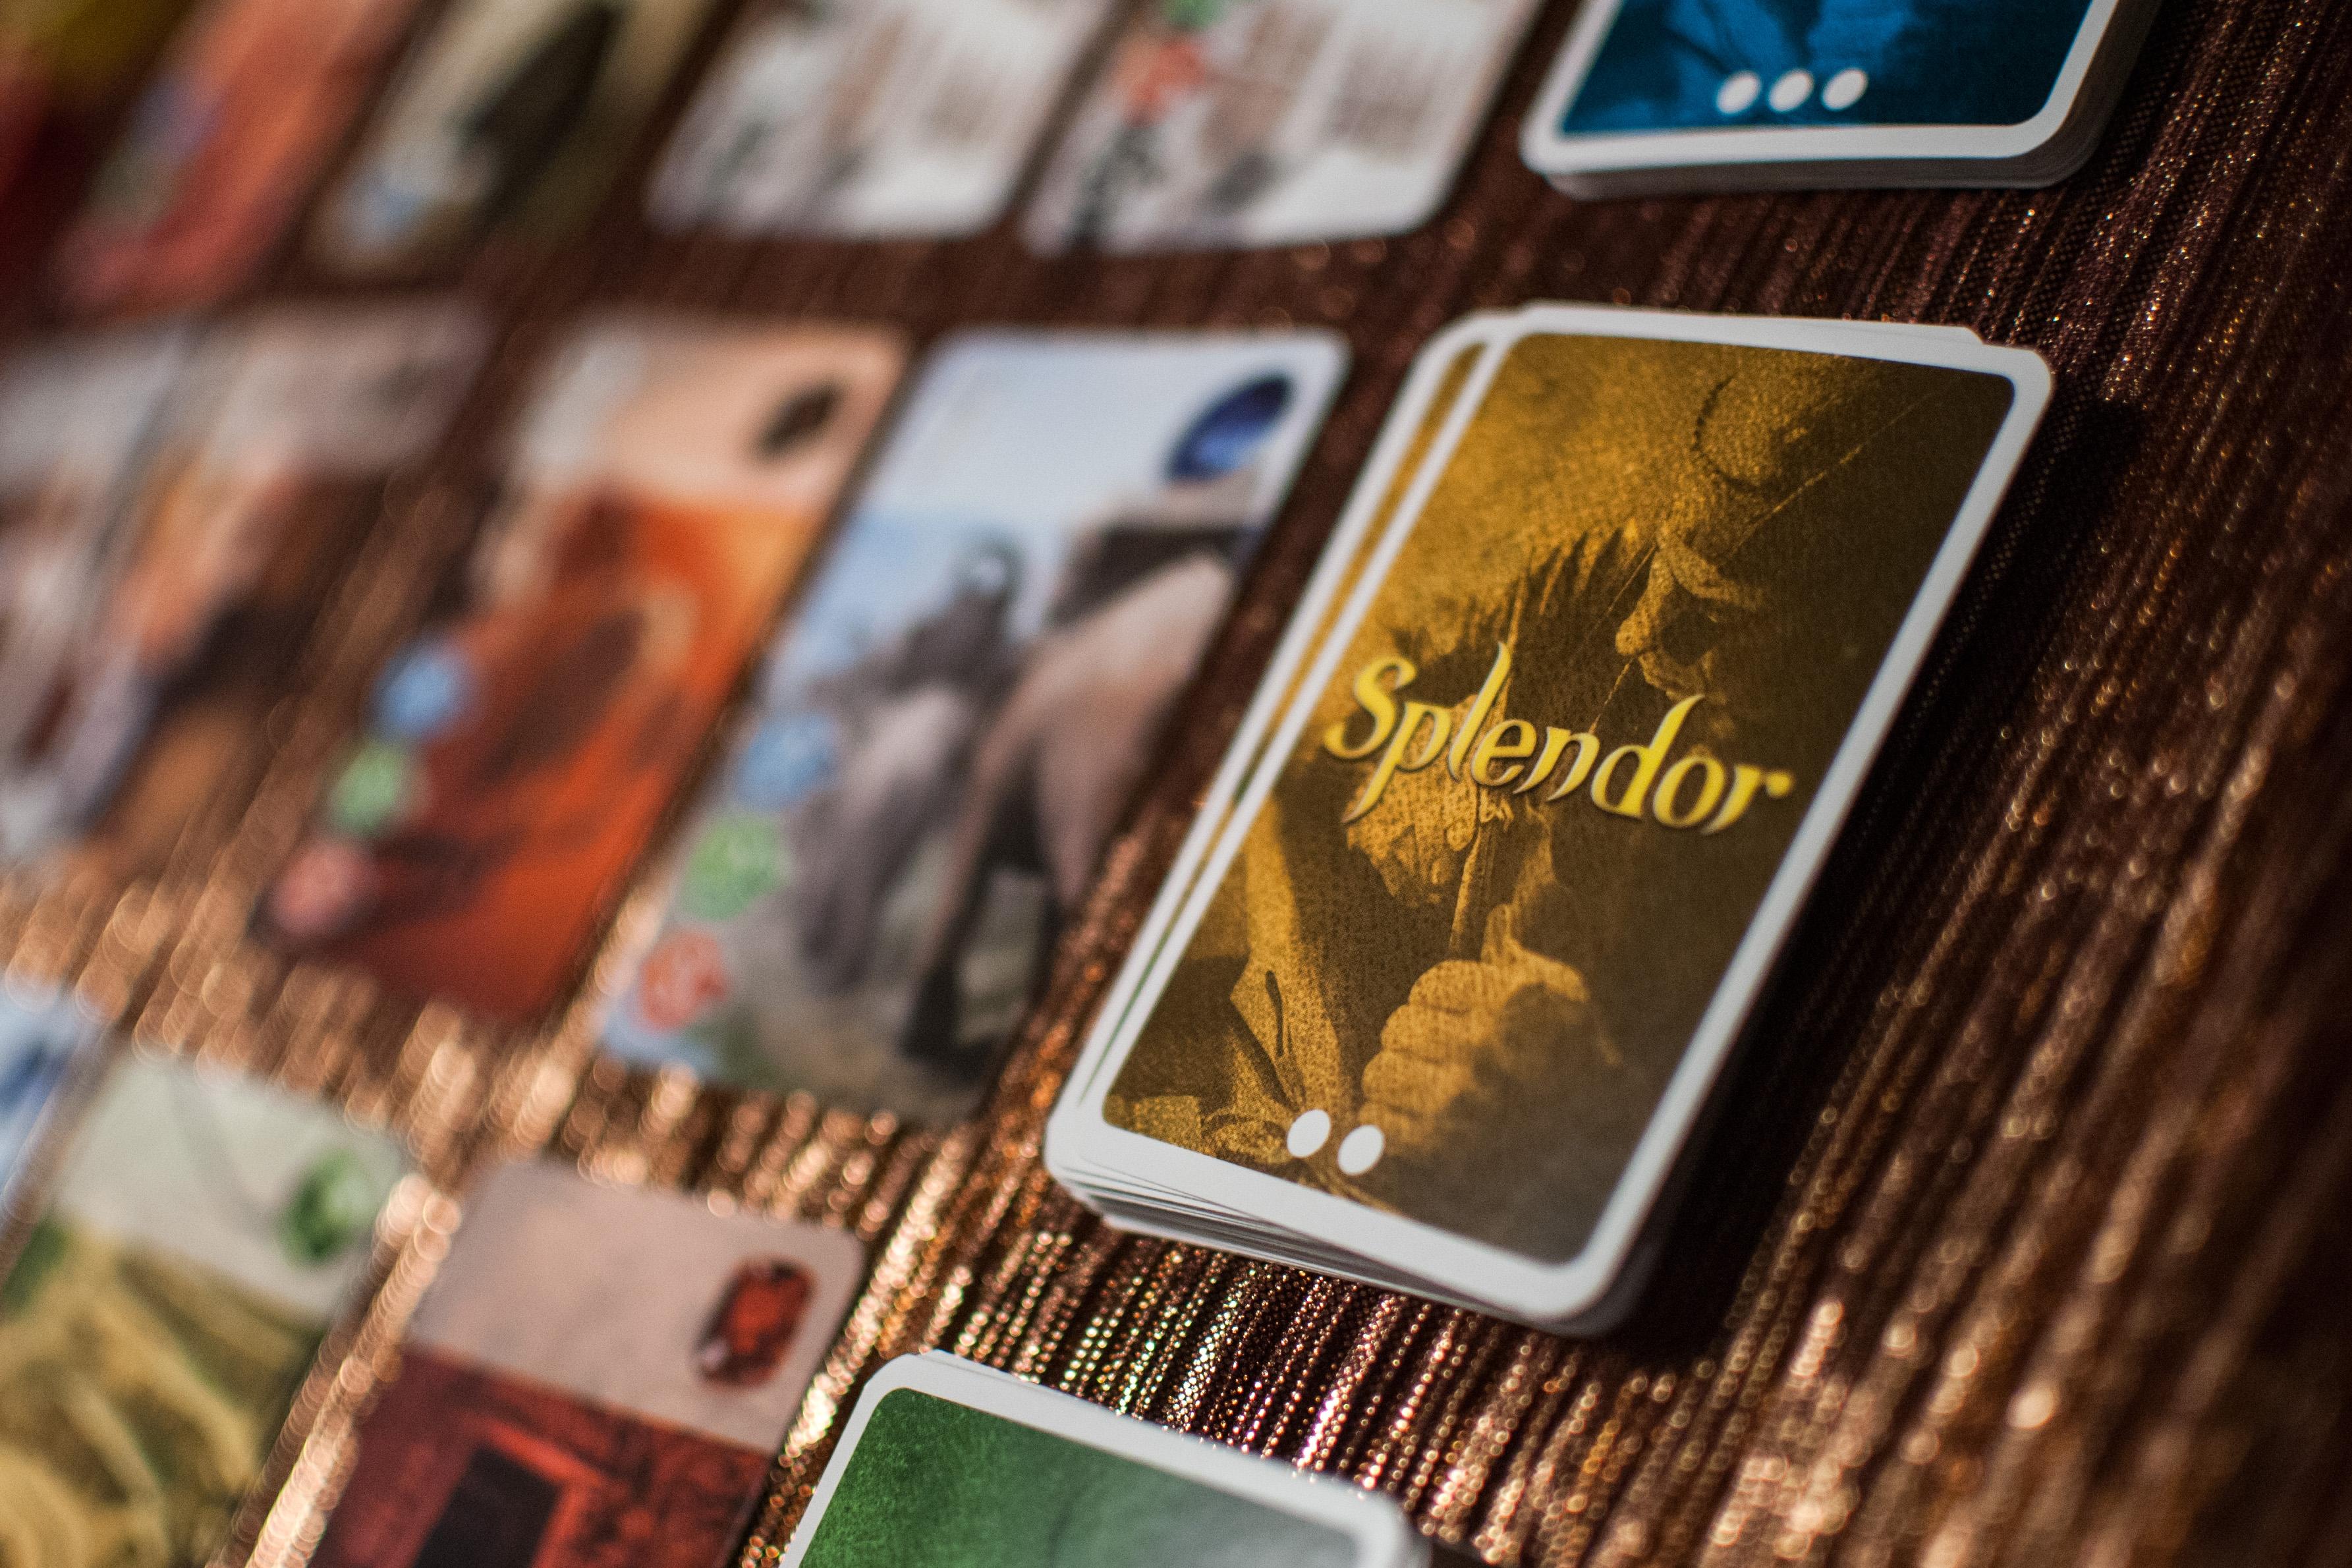 Splendor Development Cards